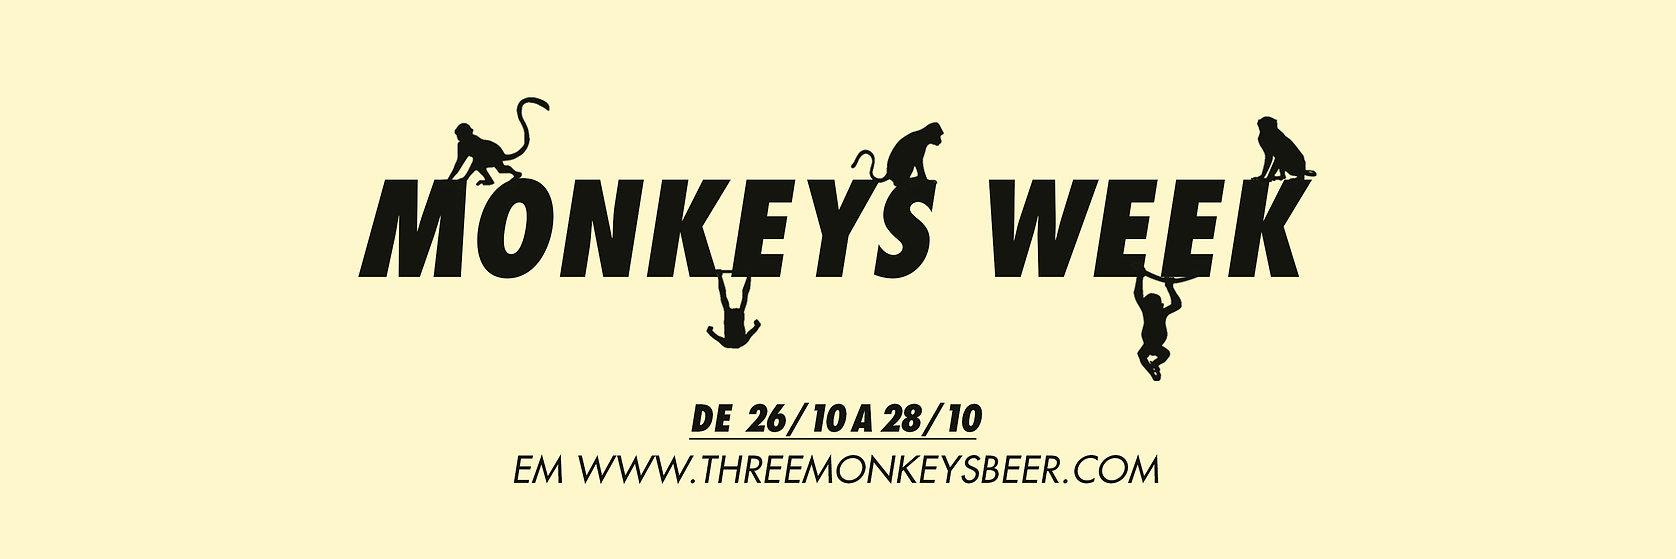 monkeys week arte.jpg